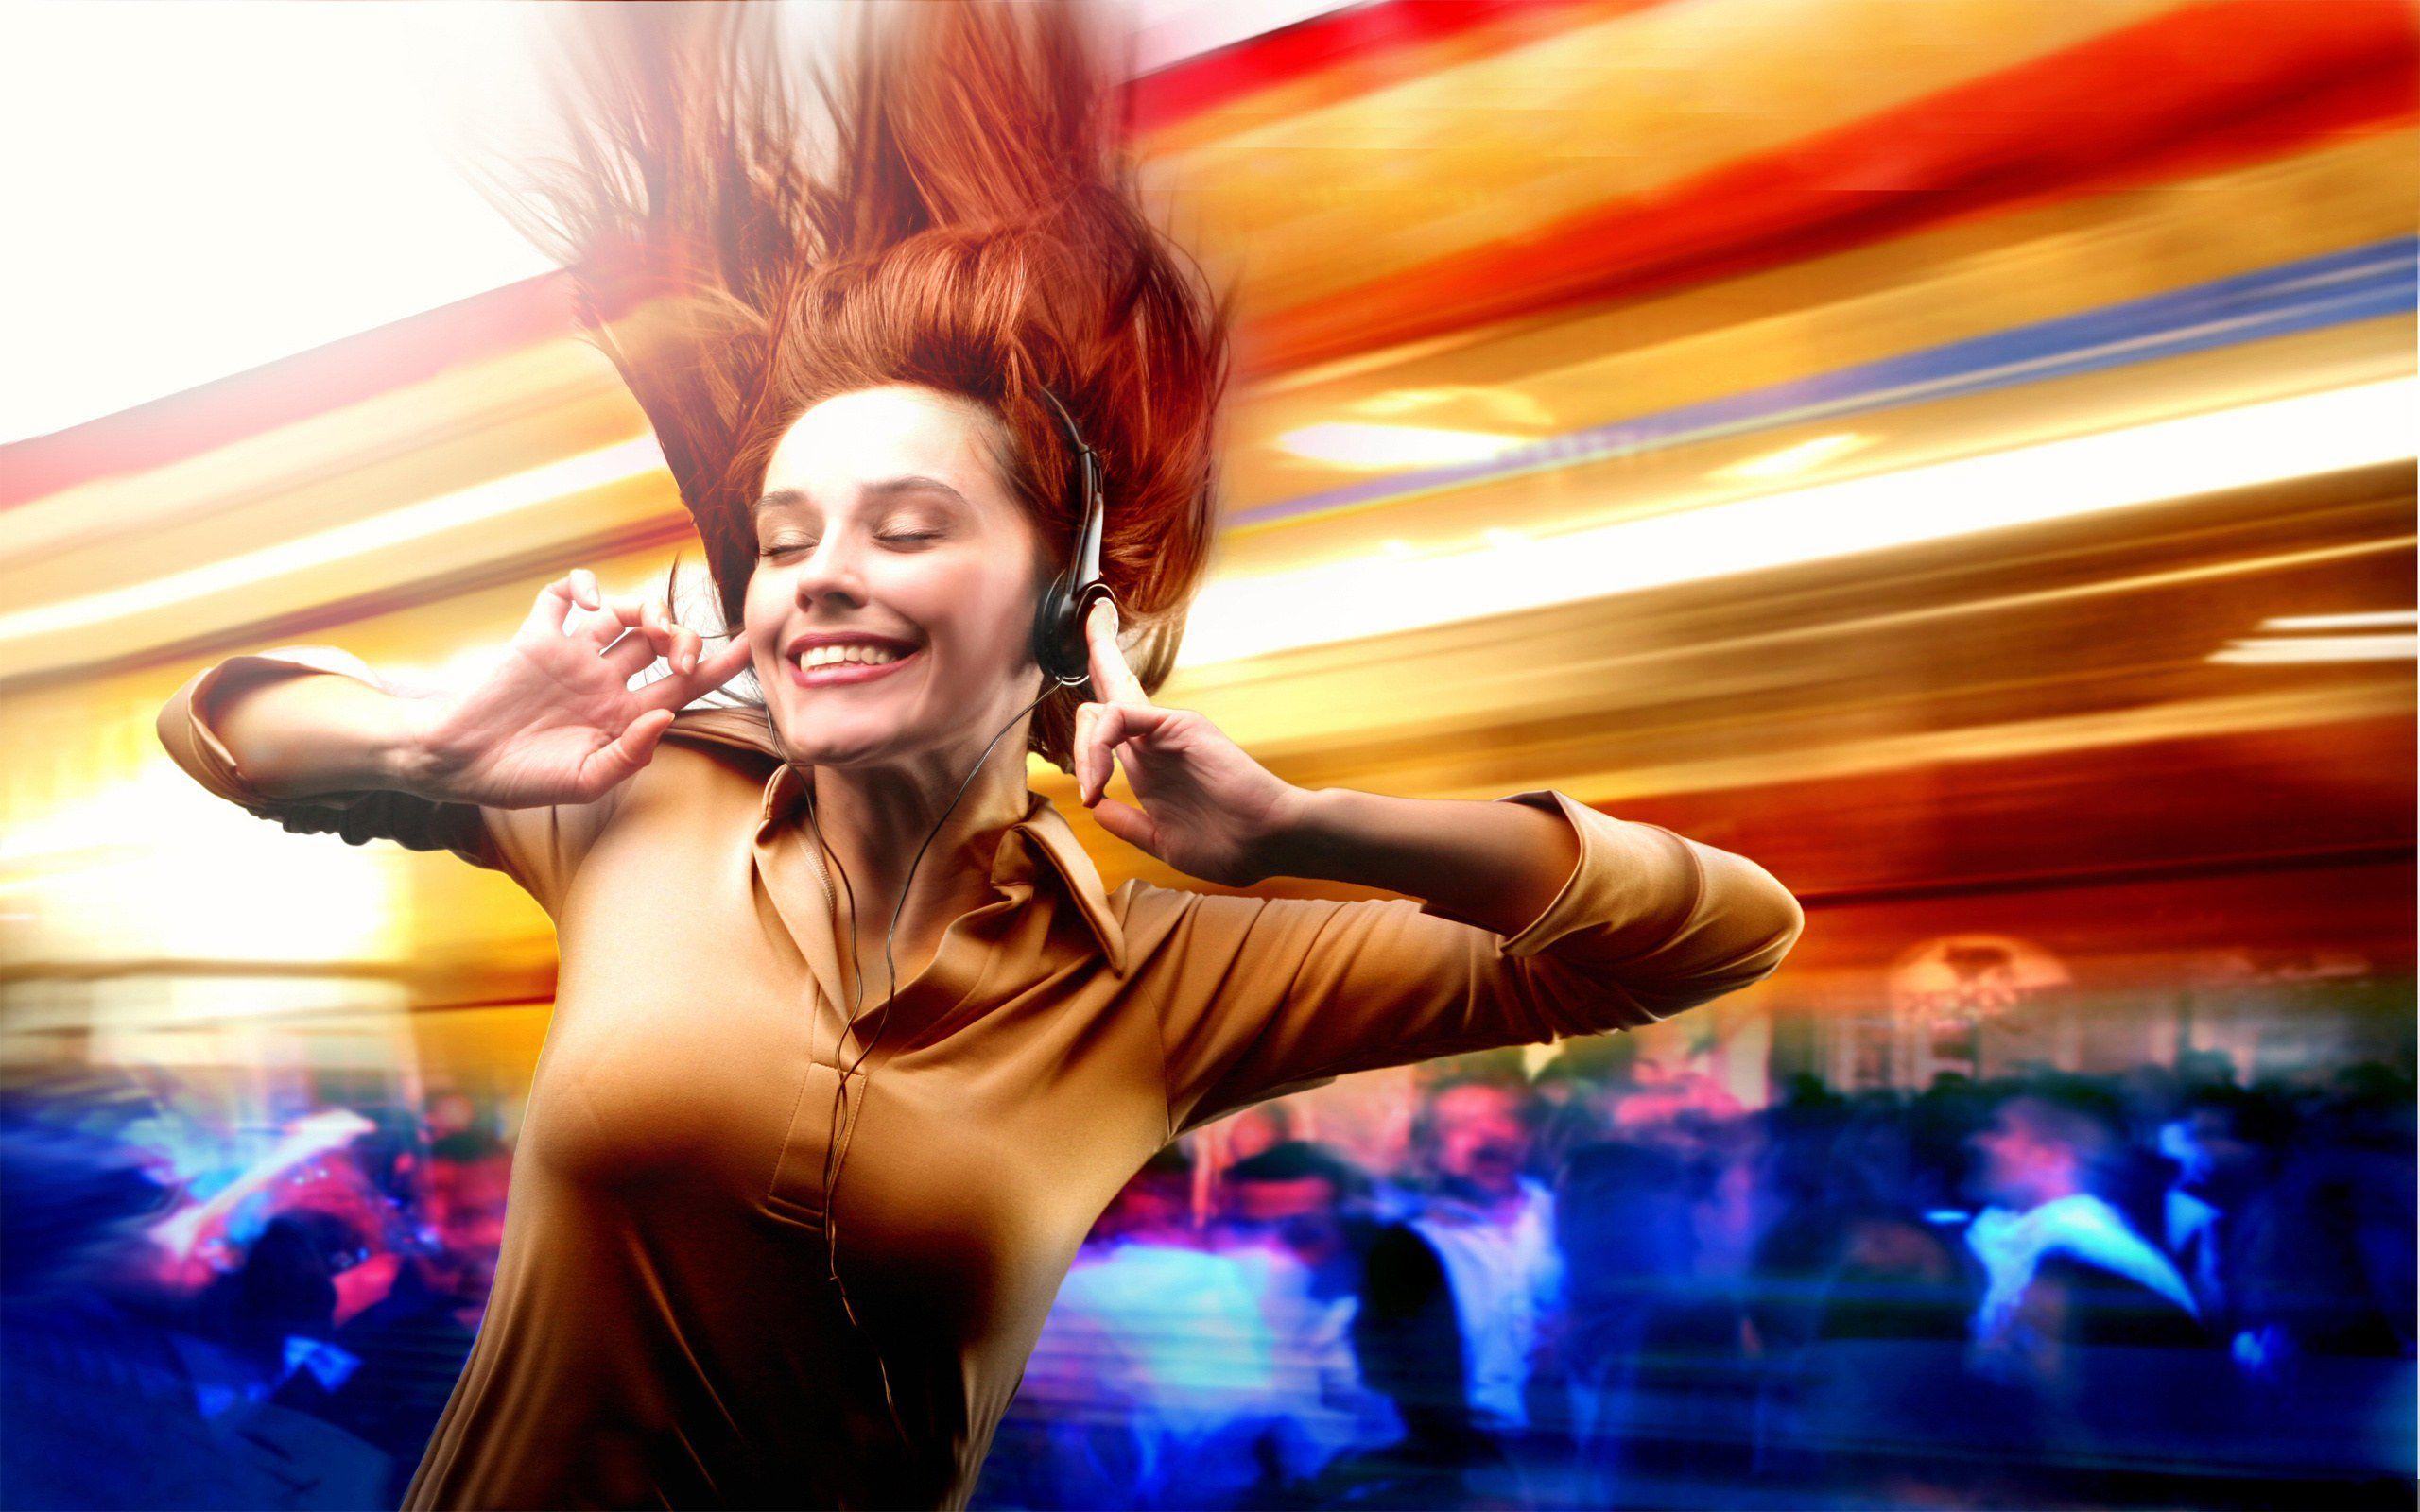 Сенатор — моя девчонка с другим танцует комиссар — моя девчонка с другим танцует (dj pumping)  мы рекомендуем первую песню под названием песня эй диск жокей сенатор сделай музыку громче моя девчонка с другим танцует крутые песни skydiver42.ru3 с качеством кбит/с.